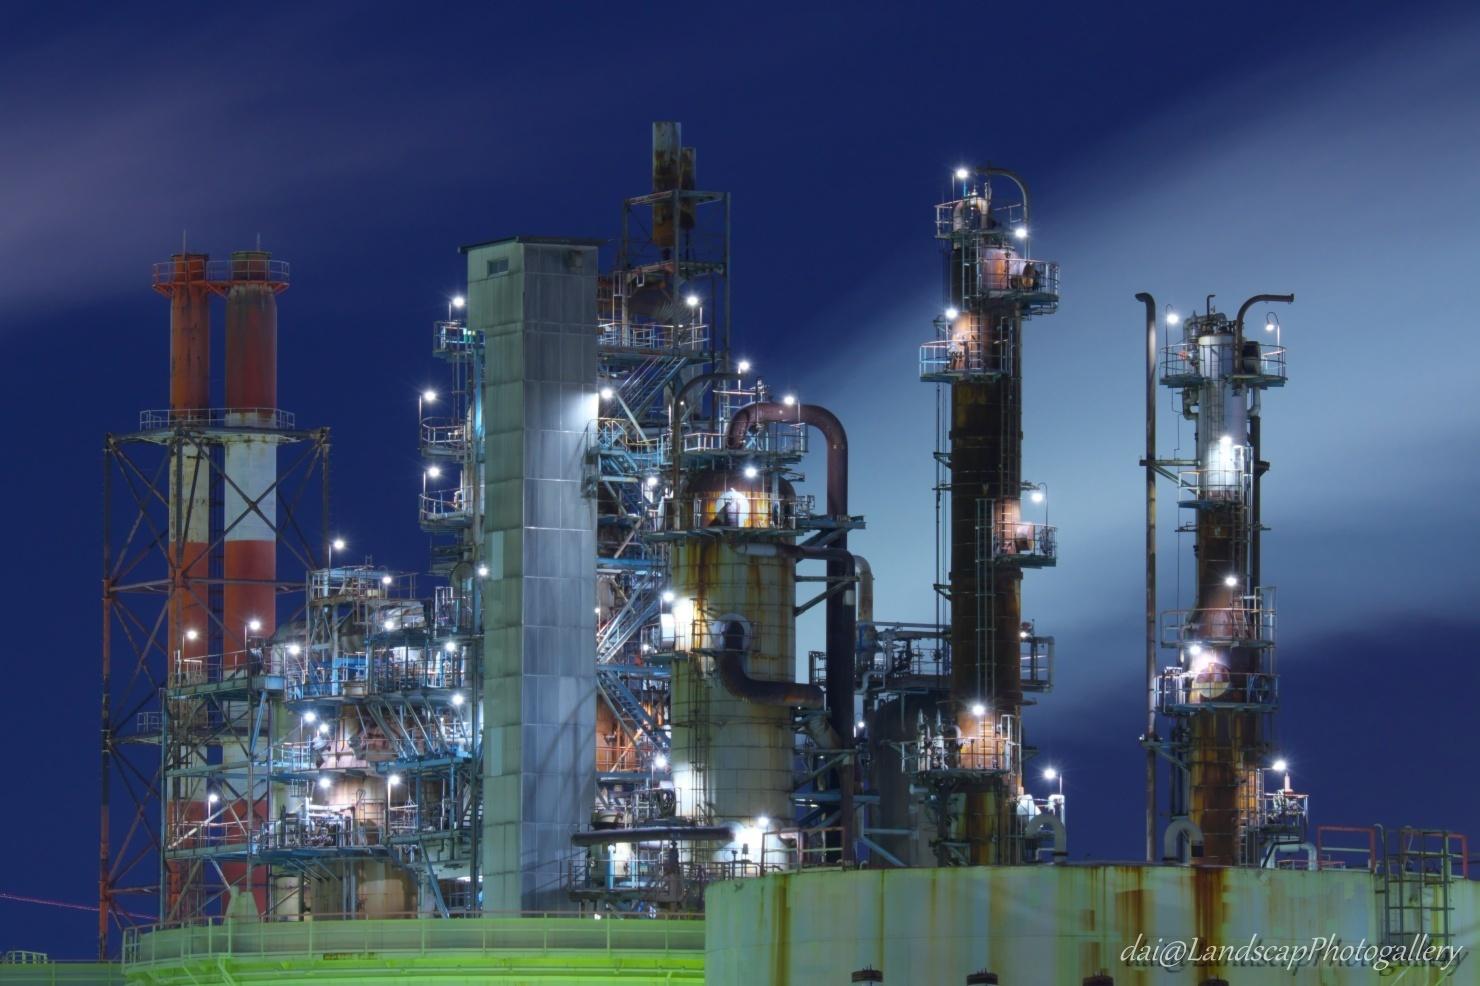 川崎夜光の工場夜景